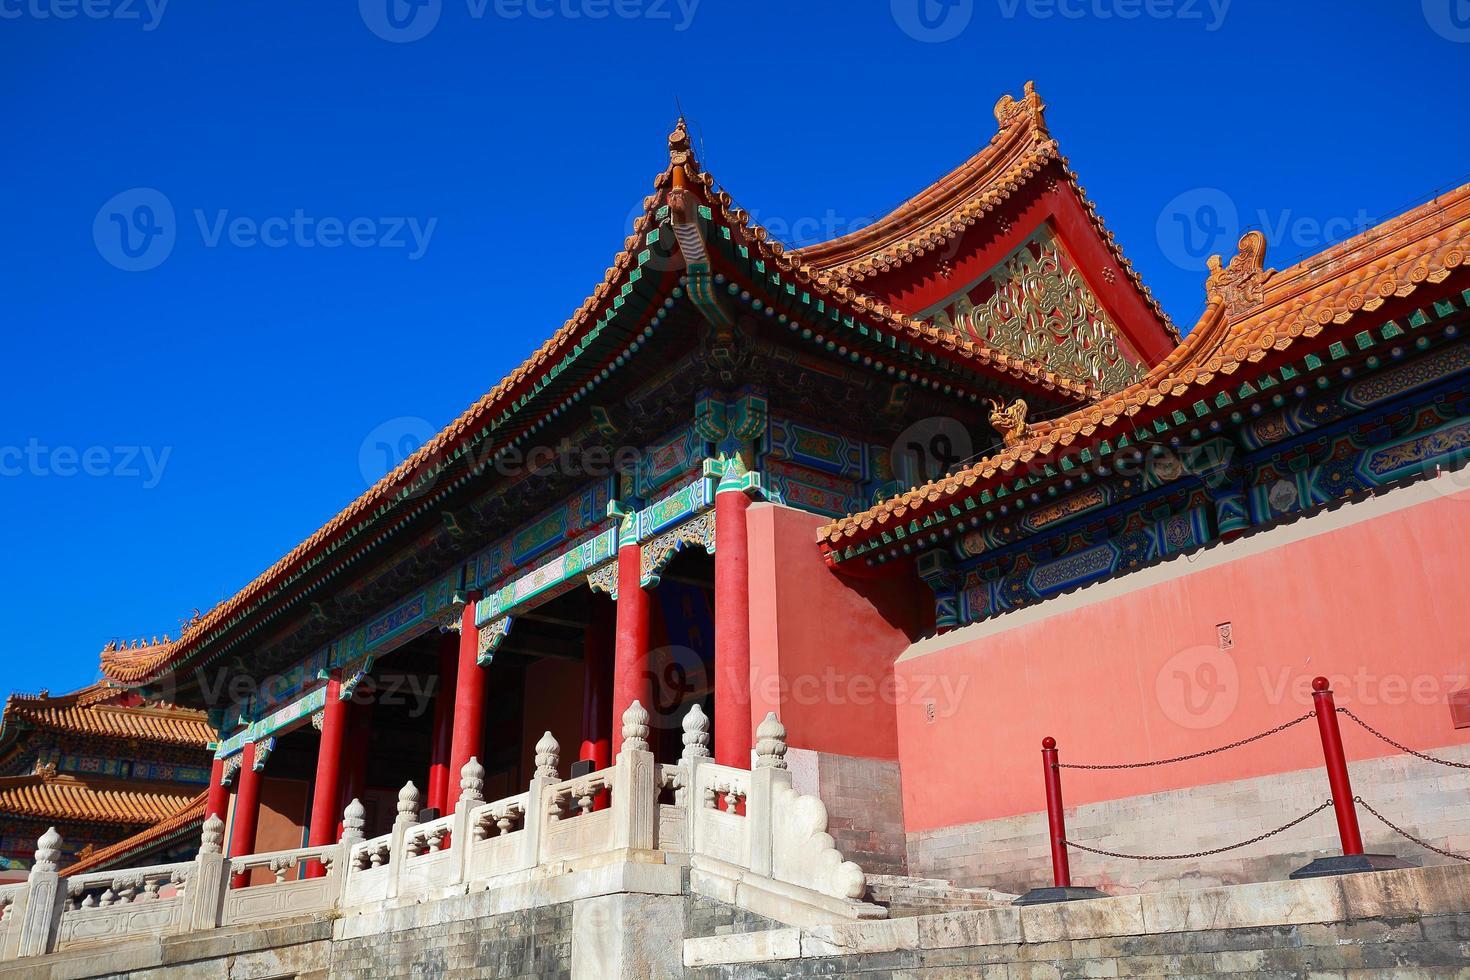 förbjuden stad i Peking Kina foto